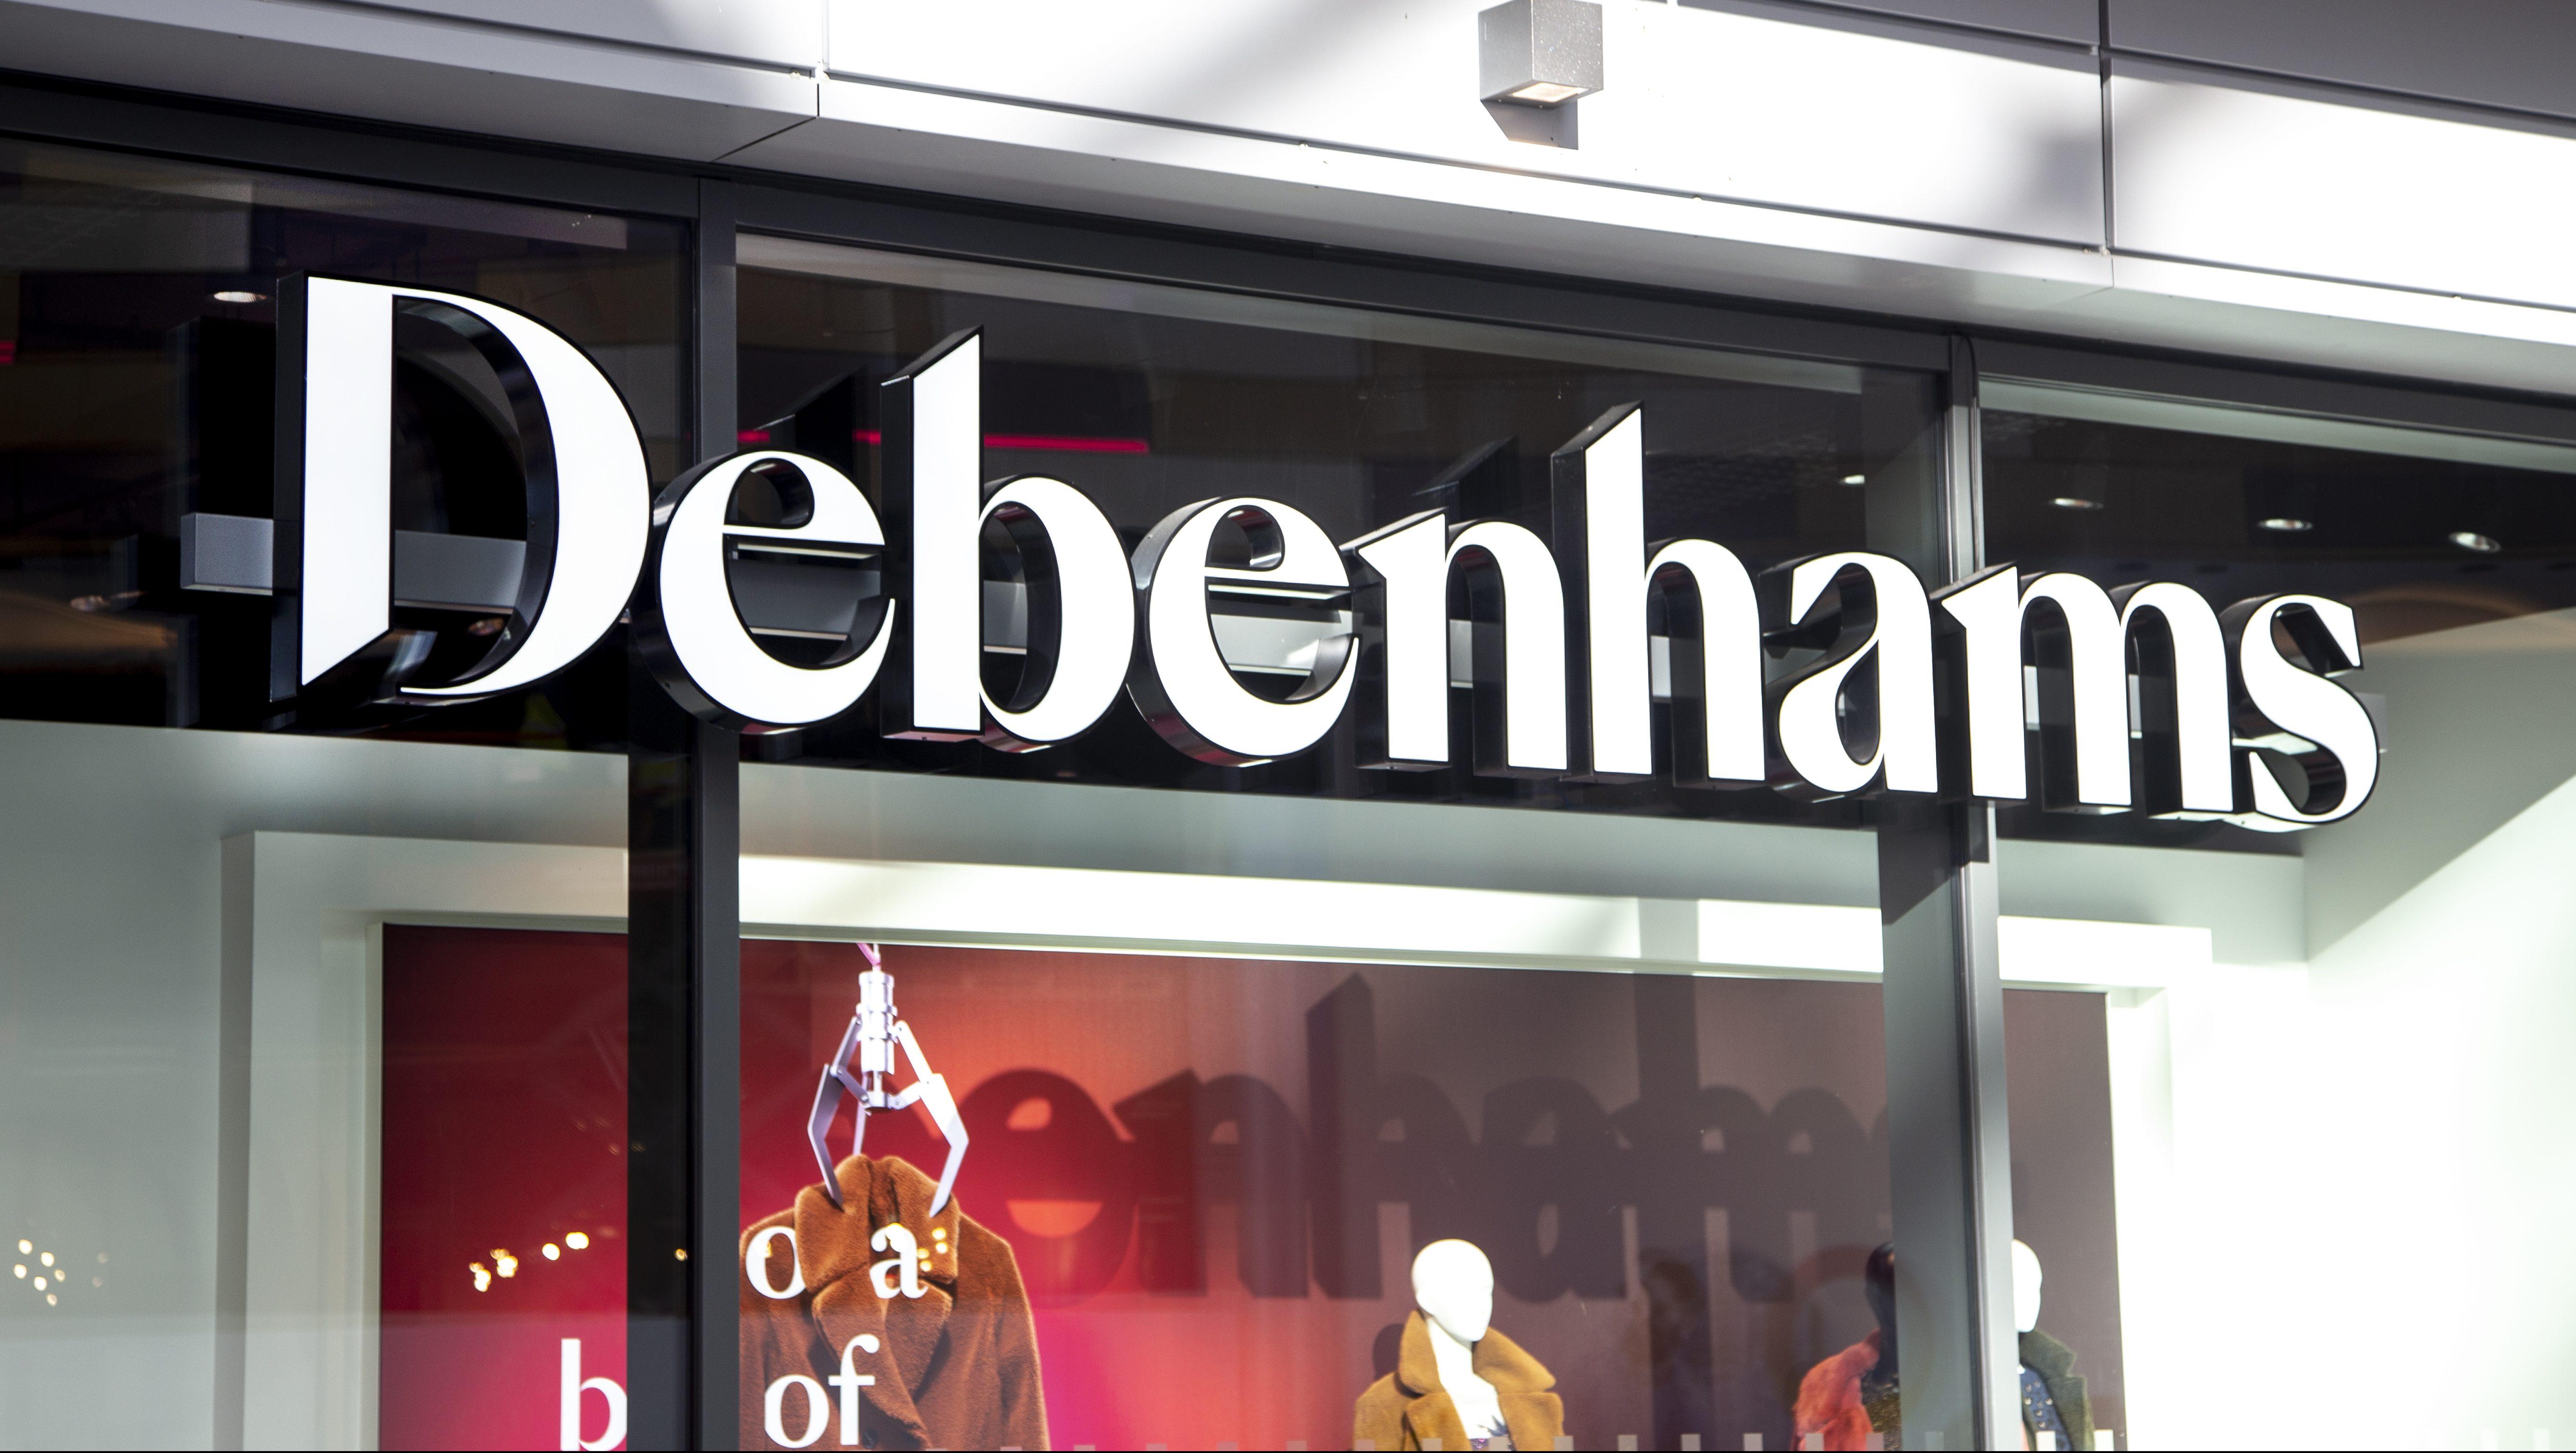 Debenhams 'Do a bit of Debenhams'